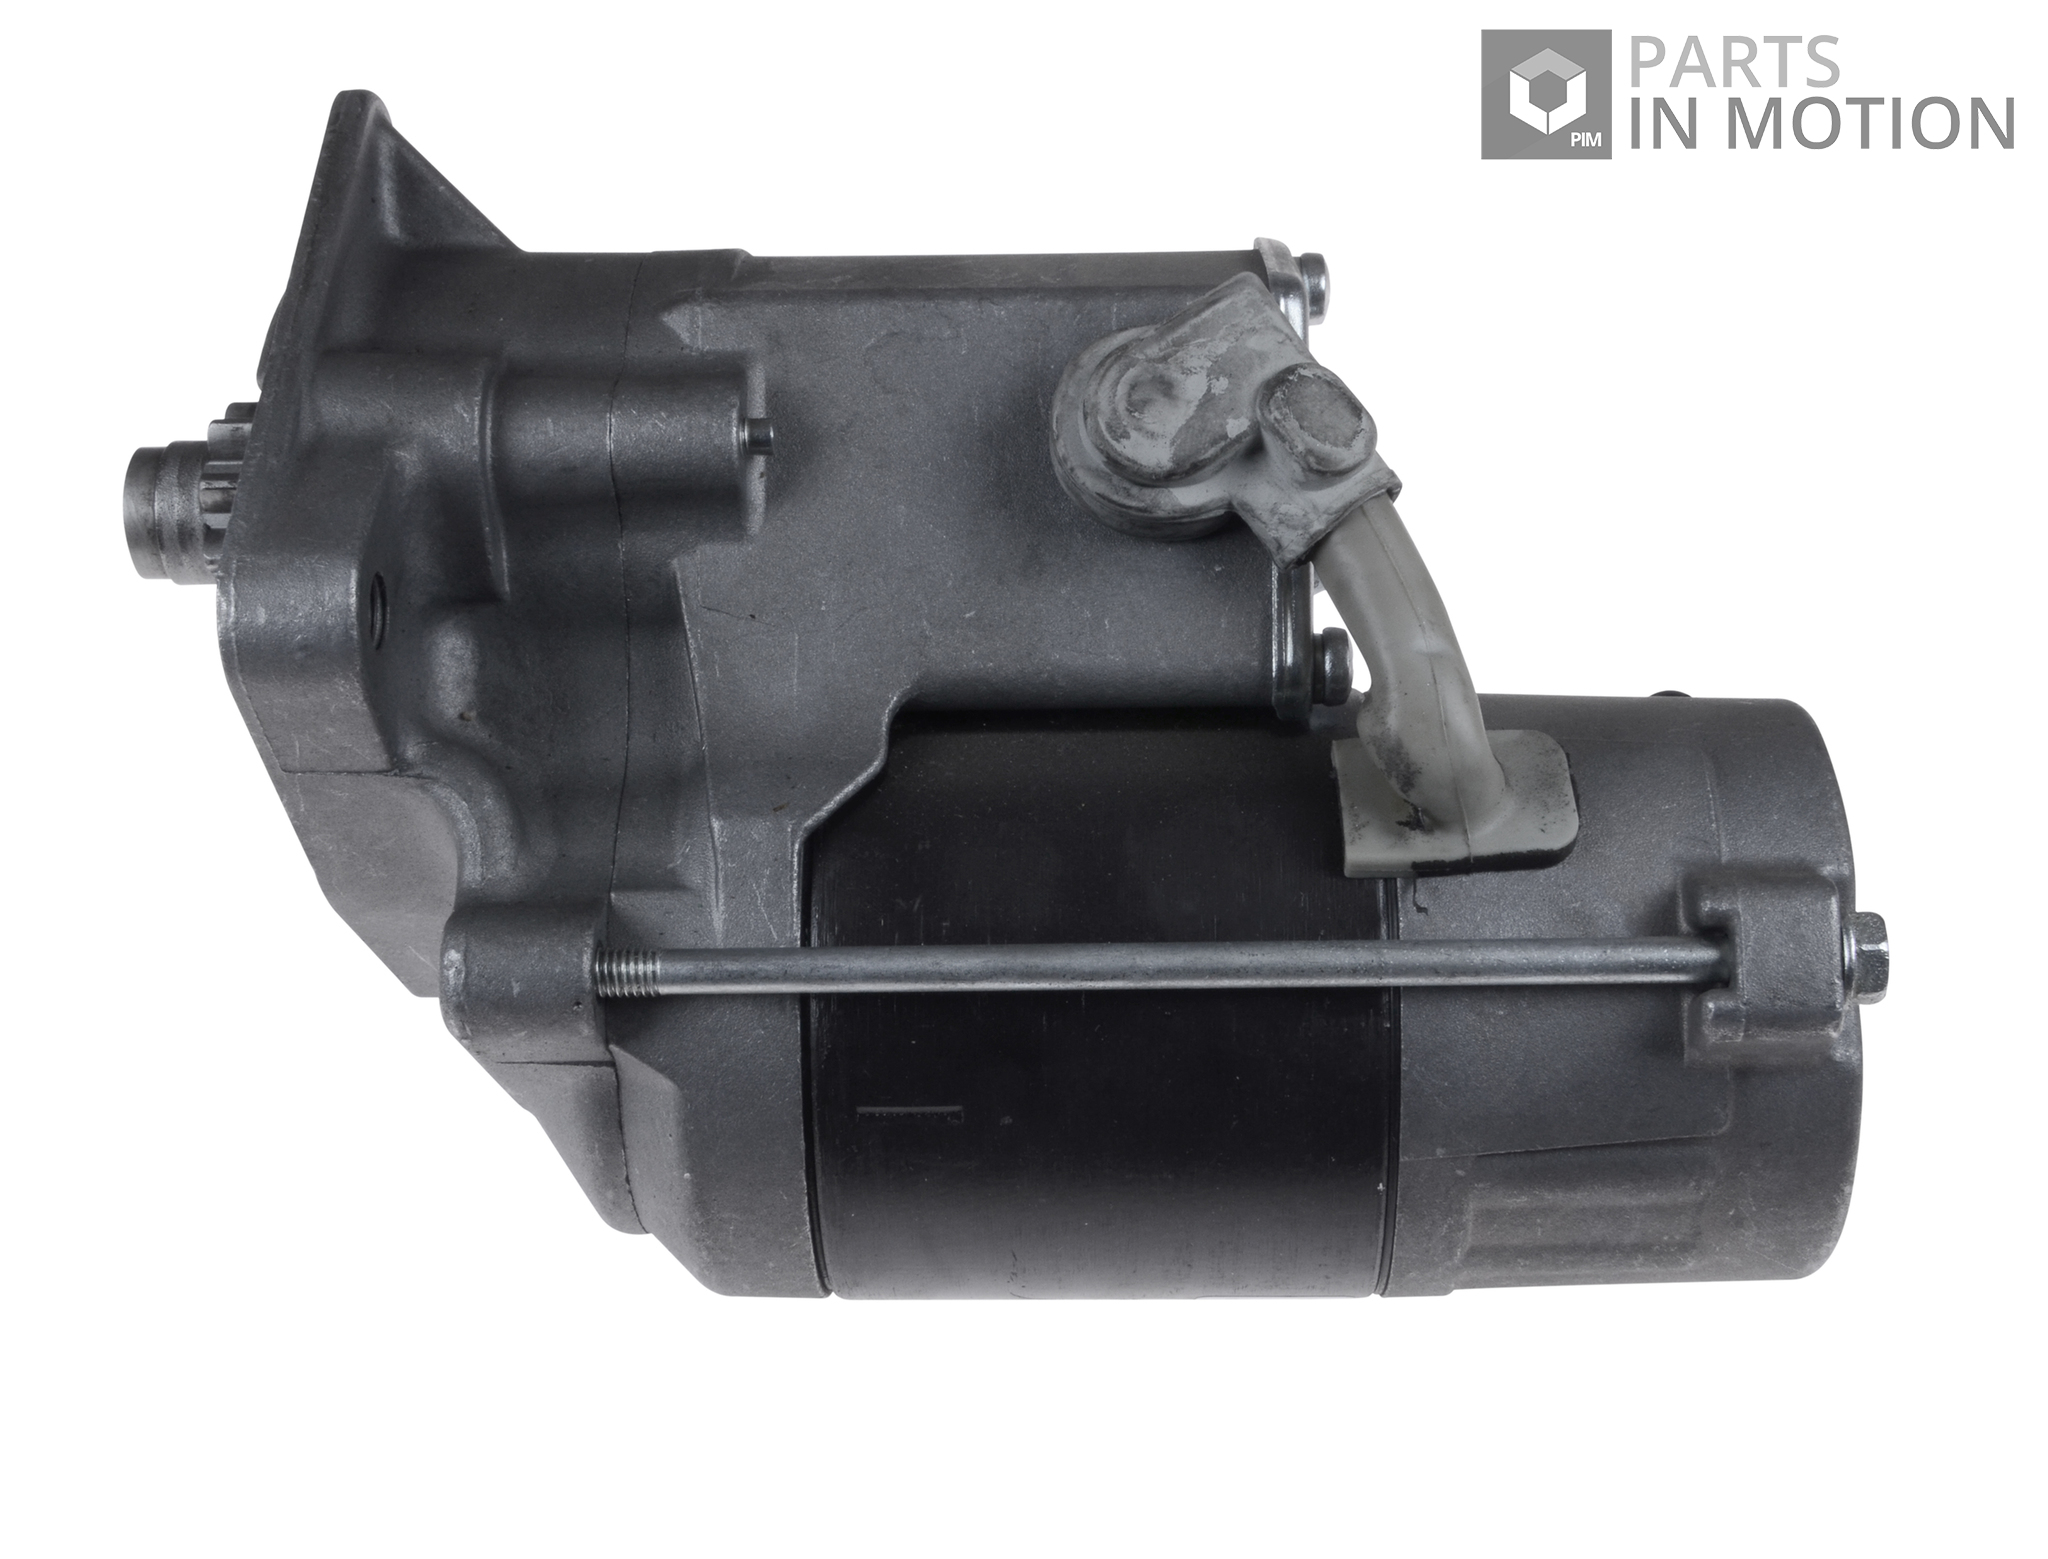 Ford ranger 2 5d starter motor 99 to 06 adm51234 blue for Ford motor company description